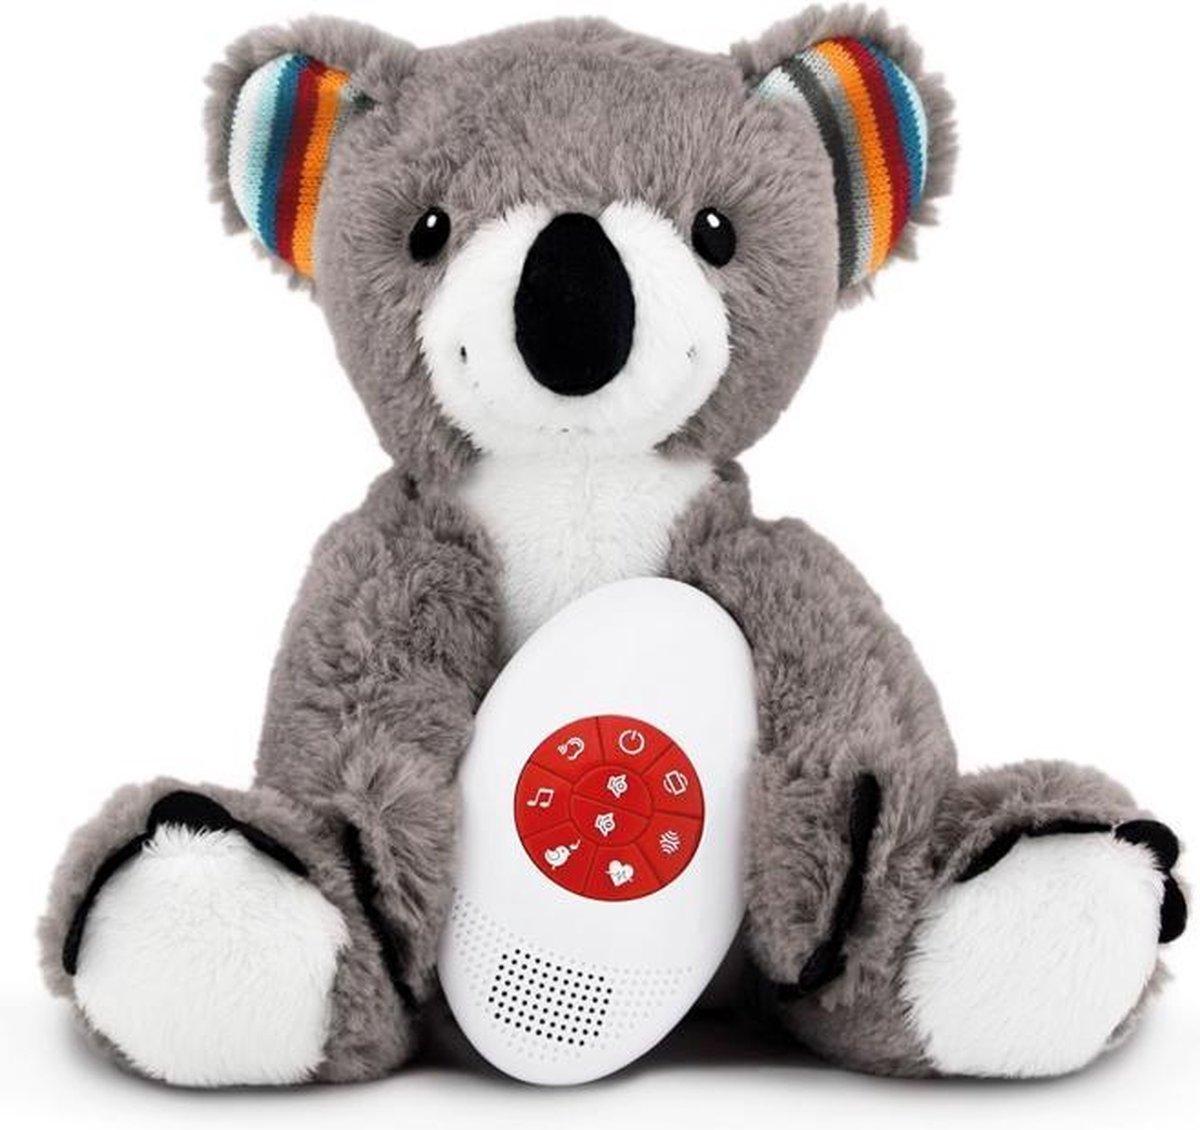 Zazu - Coco de Koala  - Hartslagknuffel - Muziek knuffel met huilsensor - Deze leuke muziek & hartslagknuffel is heerlijk zacht en door de uitneembare geluidsmodule ook wasbaar! - Genomineerd voor Baby Product van het Jaar